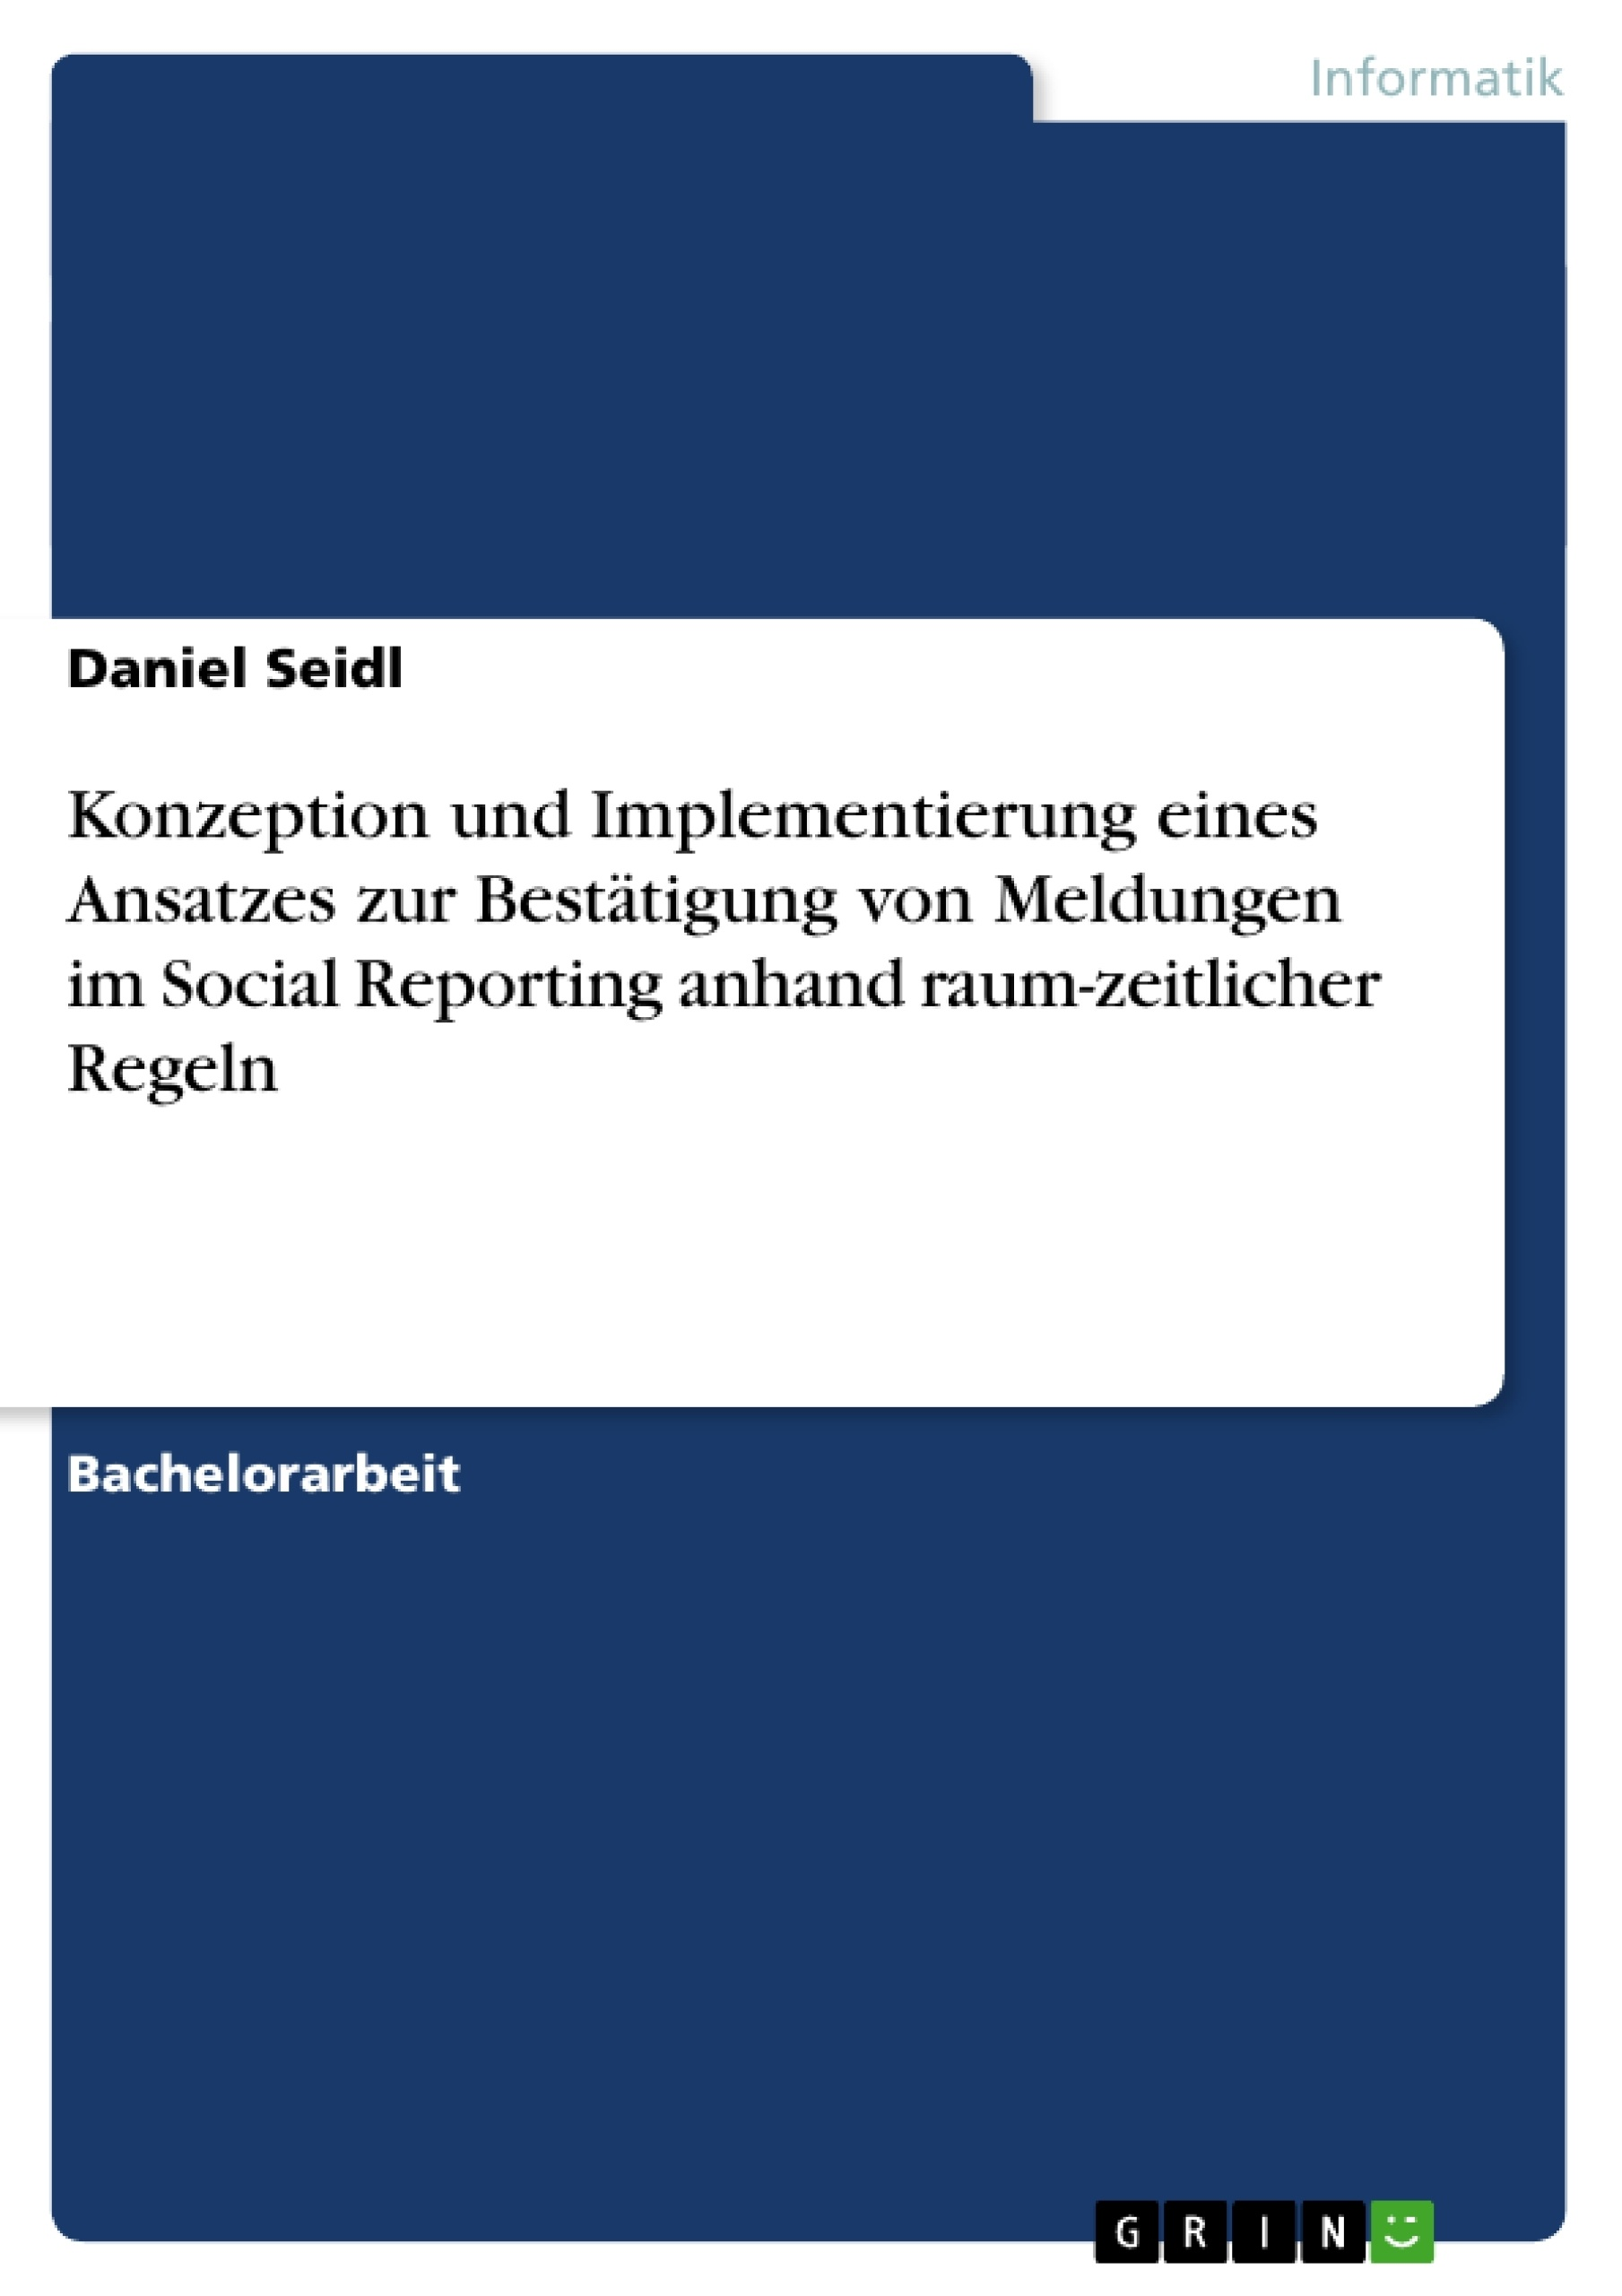 Titel: Konzeption und Implementierung eines Ansatzes zur Bestätigung von Meldungen im Social Reporting anhand raum-zeitlicher Regeln